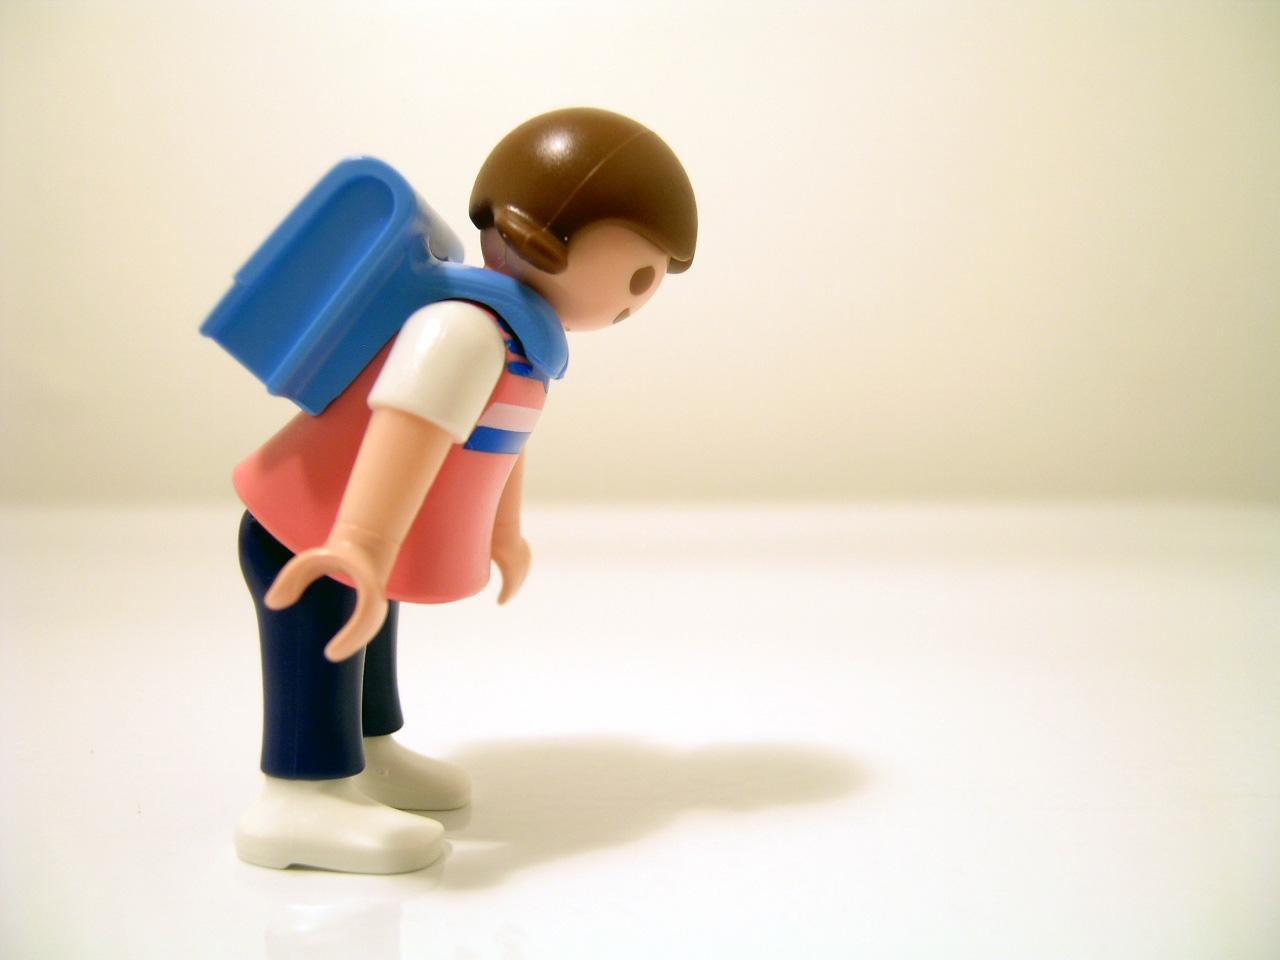 La carga psicológica en el emigrante («la mochila emocional» del expatriado)